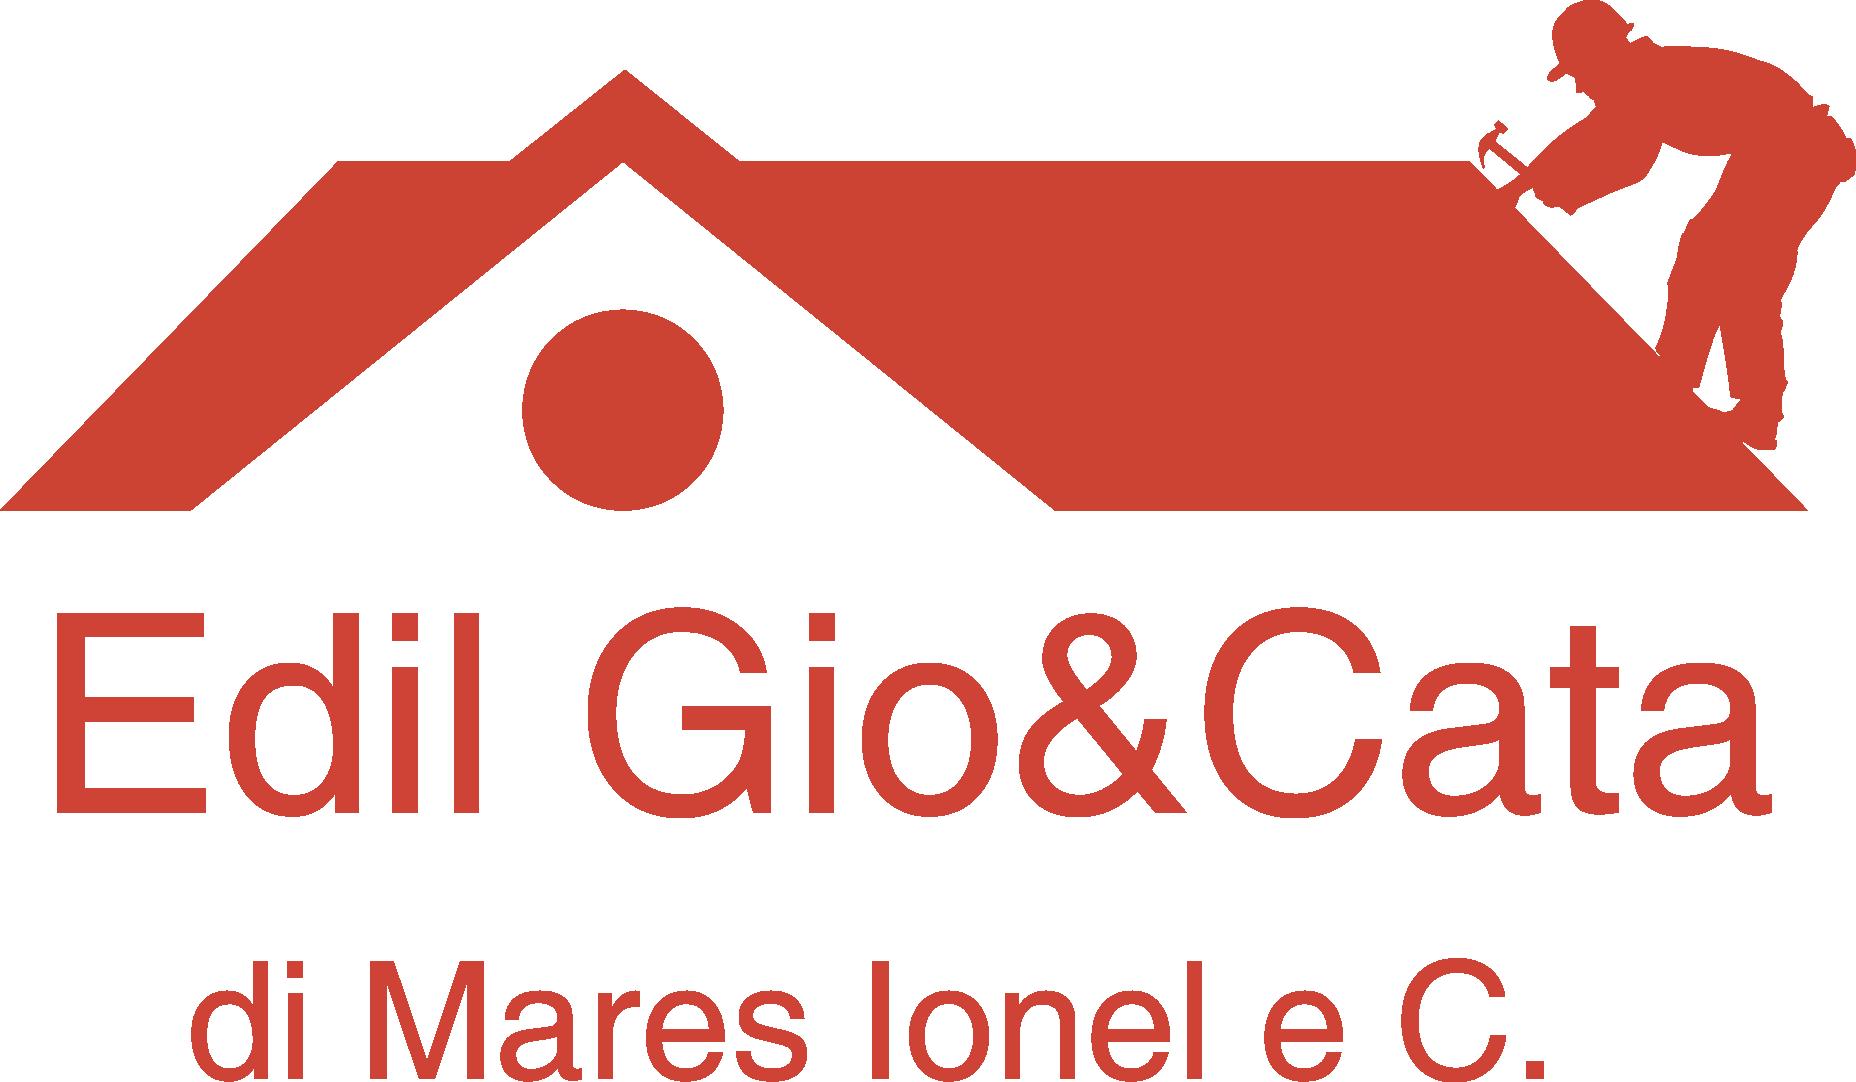 Edil Gio&Cata Impresa edile in Val Vigezzo (VB)